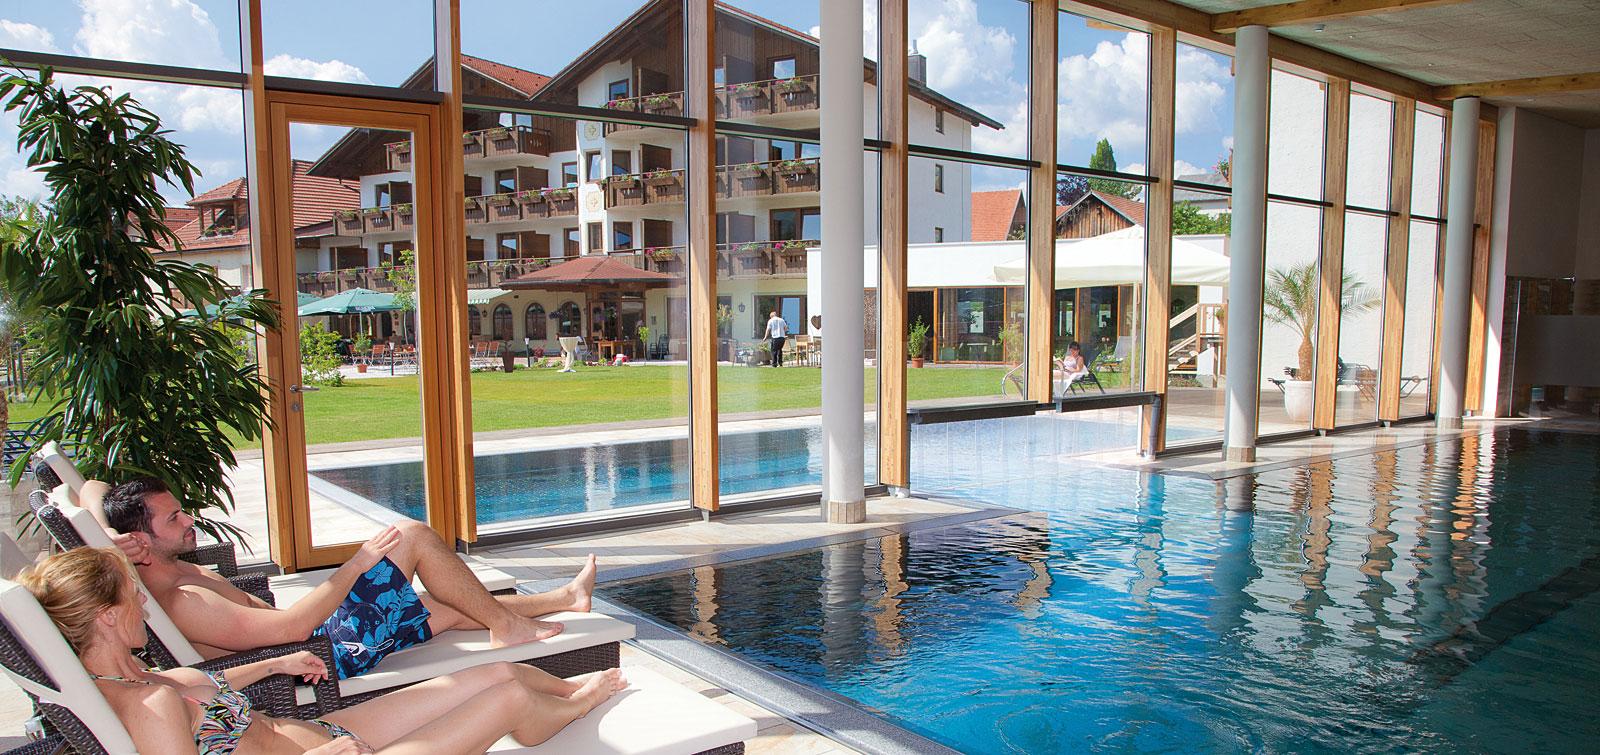 Wellnesshotel Eibl Brunner In Frauenau Ihr Top 4 Sterne